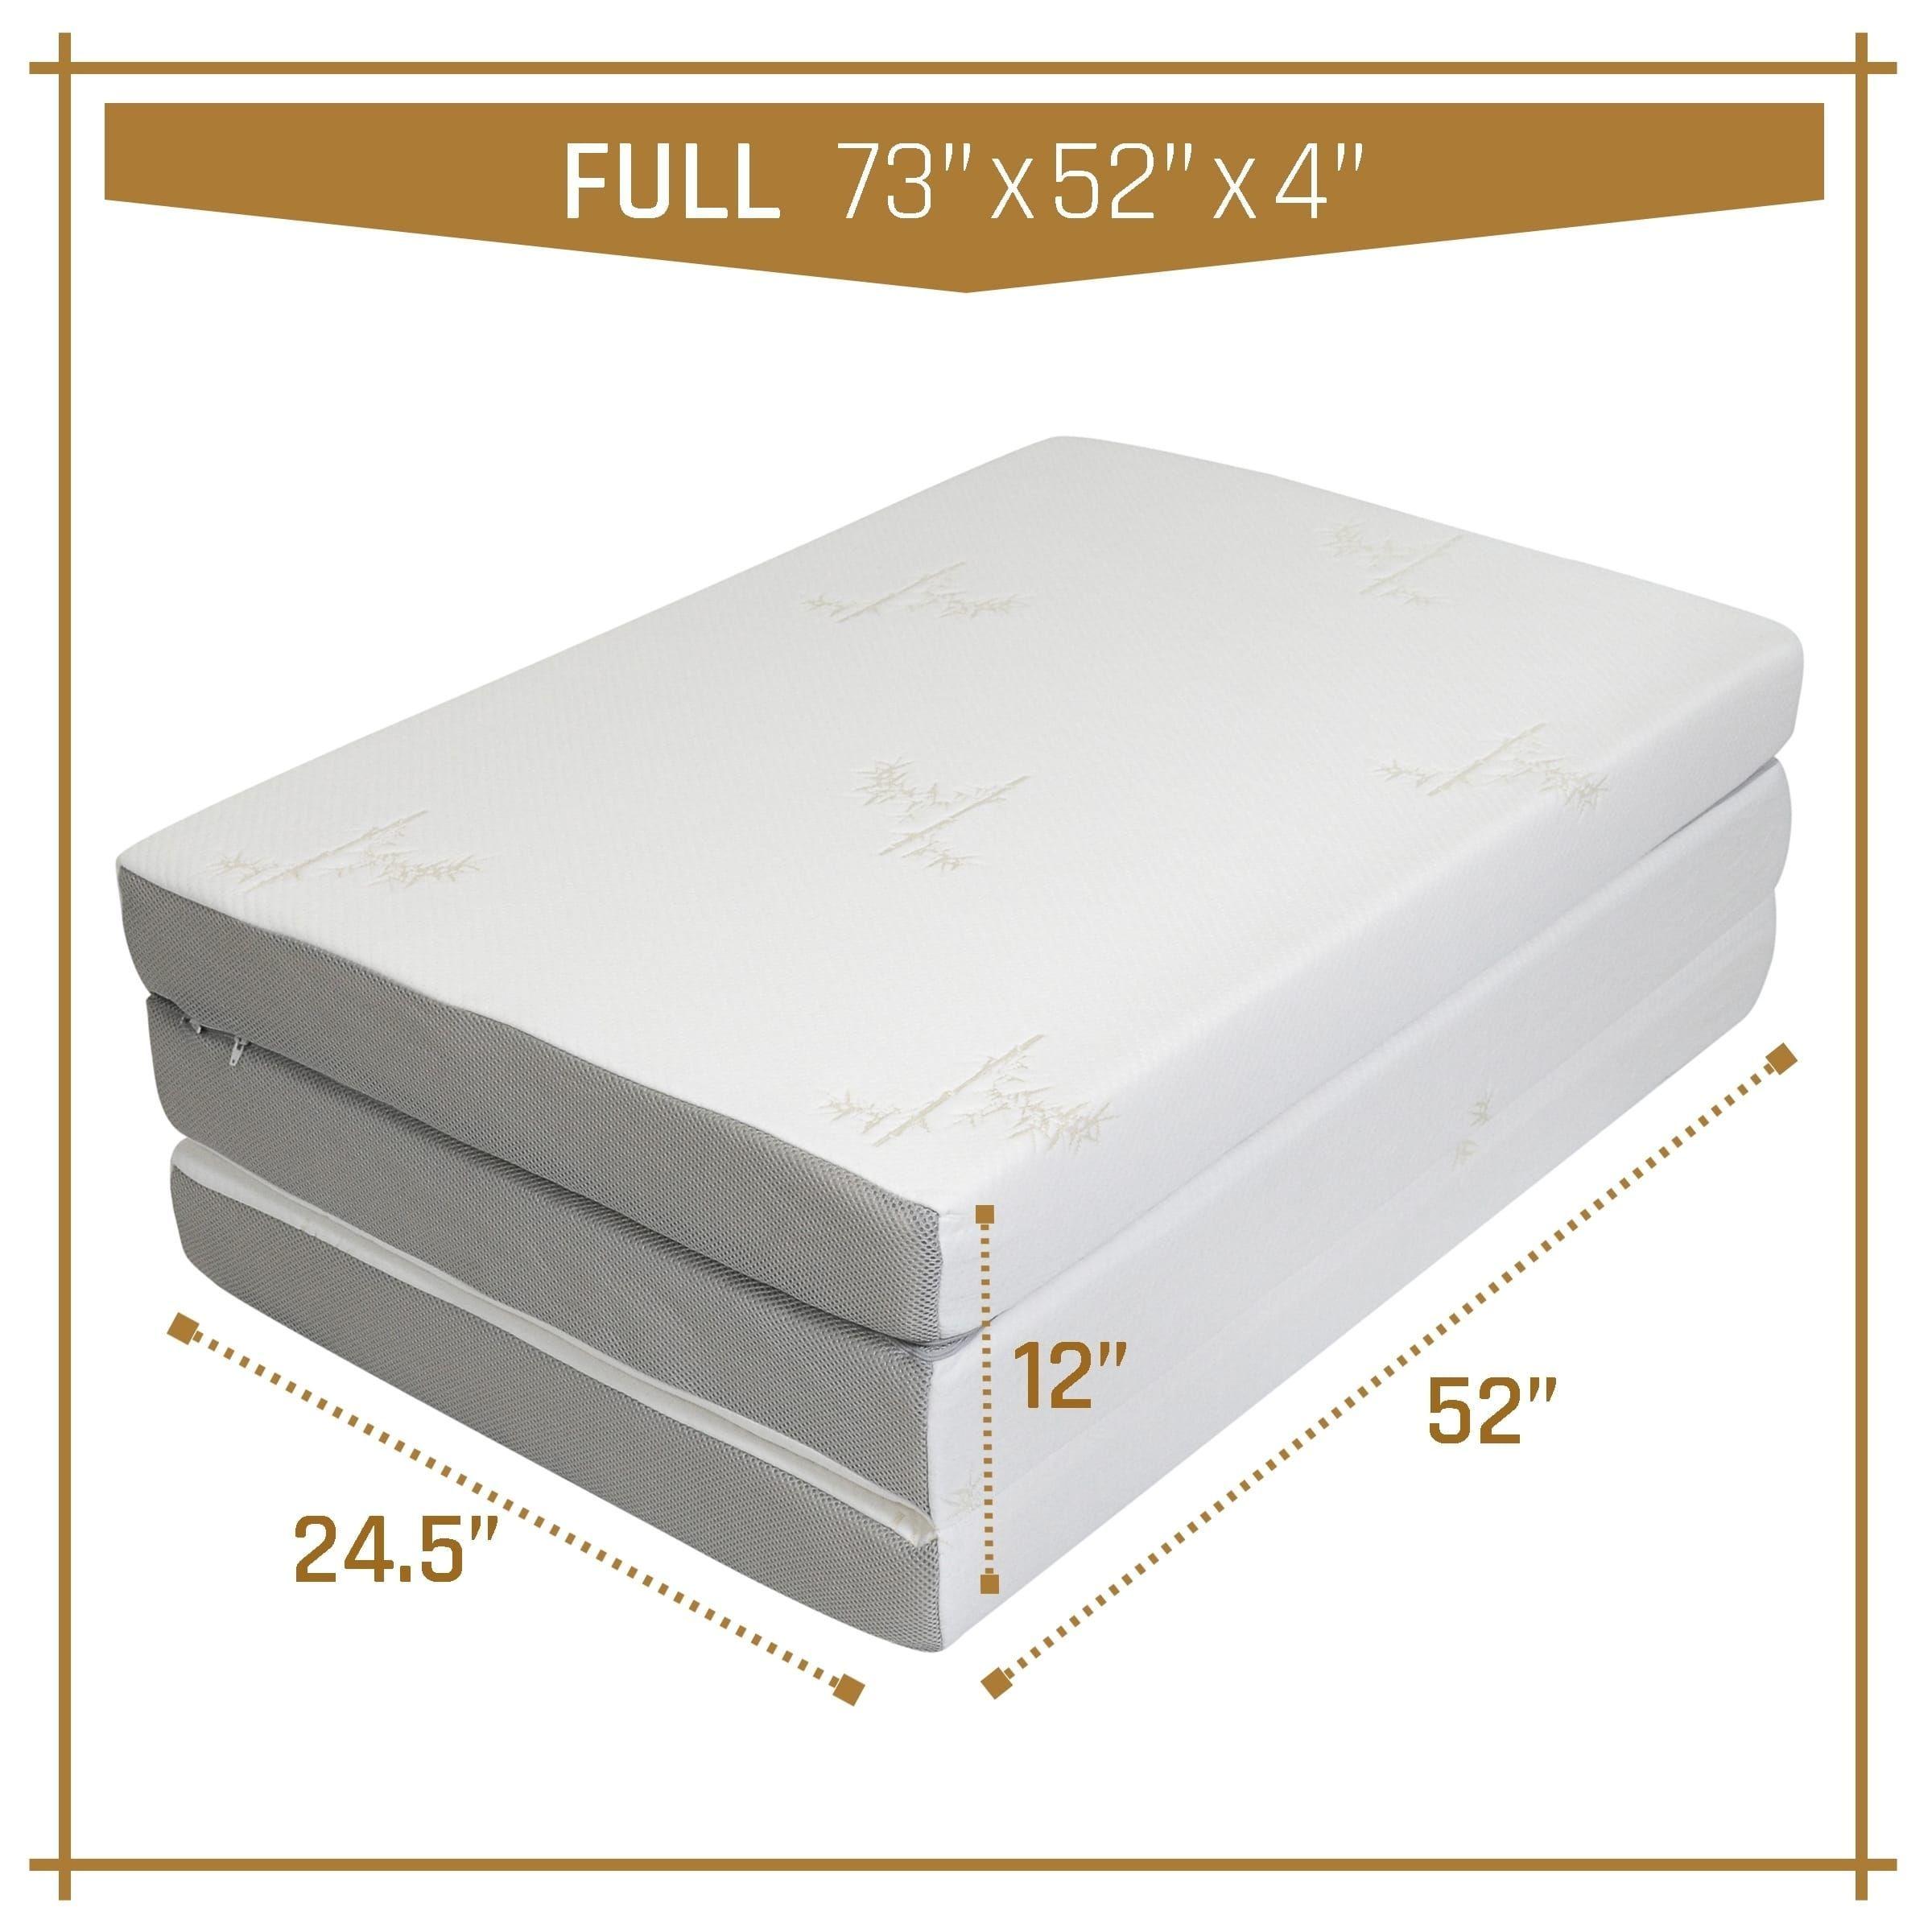 Milliard Tri Folding Mattress Full, with Ultra Soft